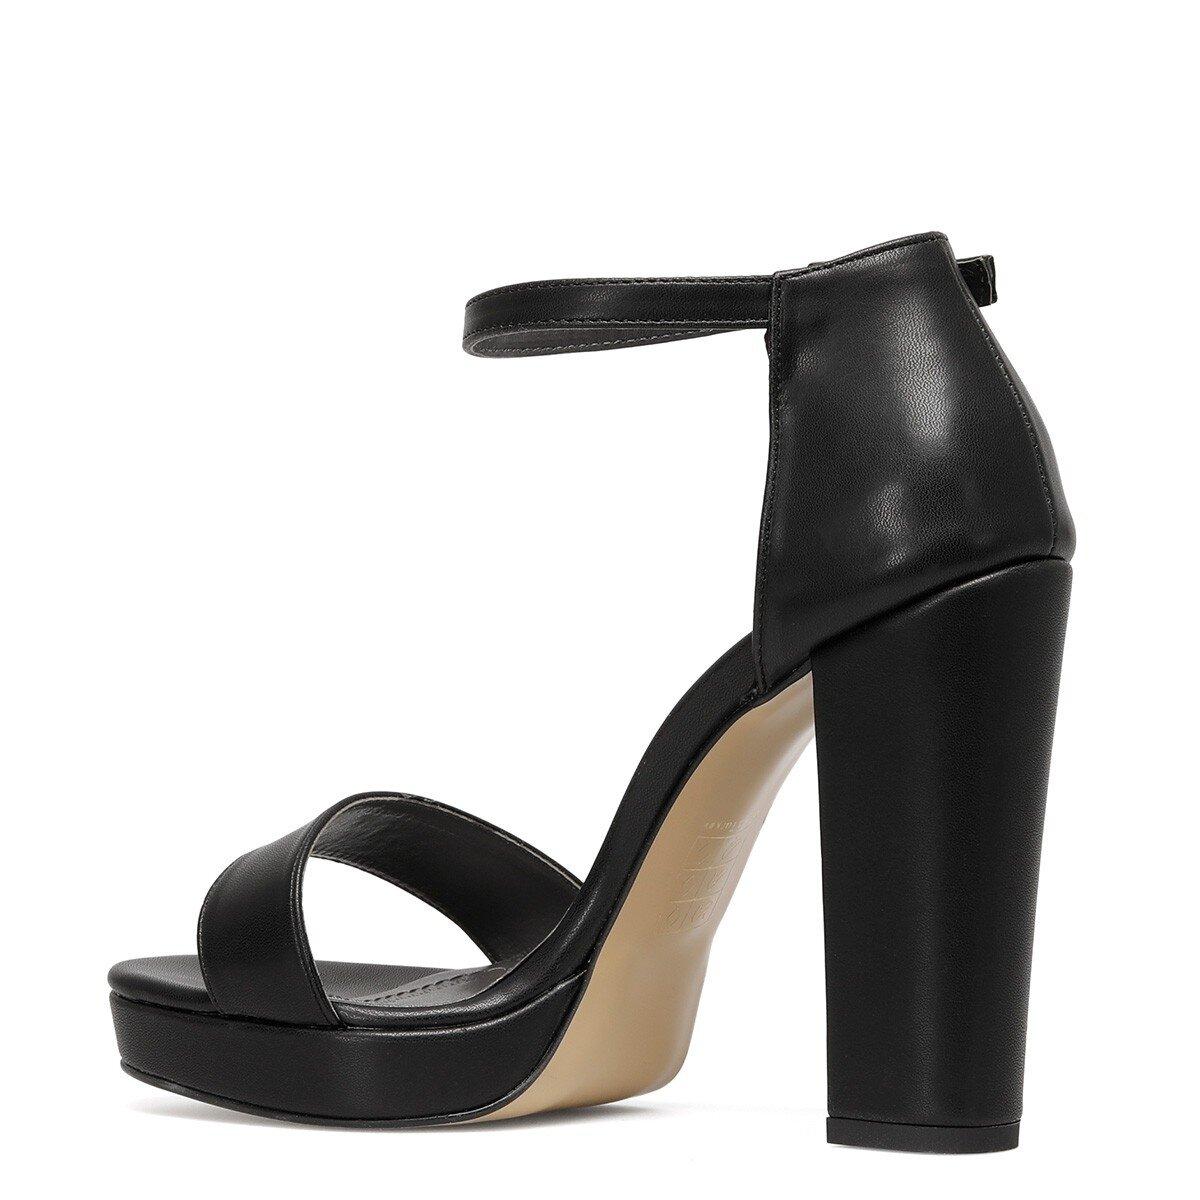 SILEMDA 1FX Siyah Kadın Topuklu Ayakkabı